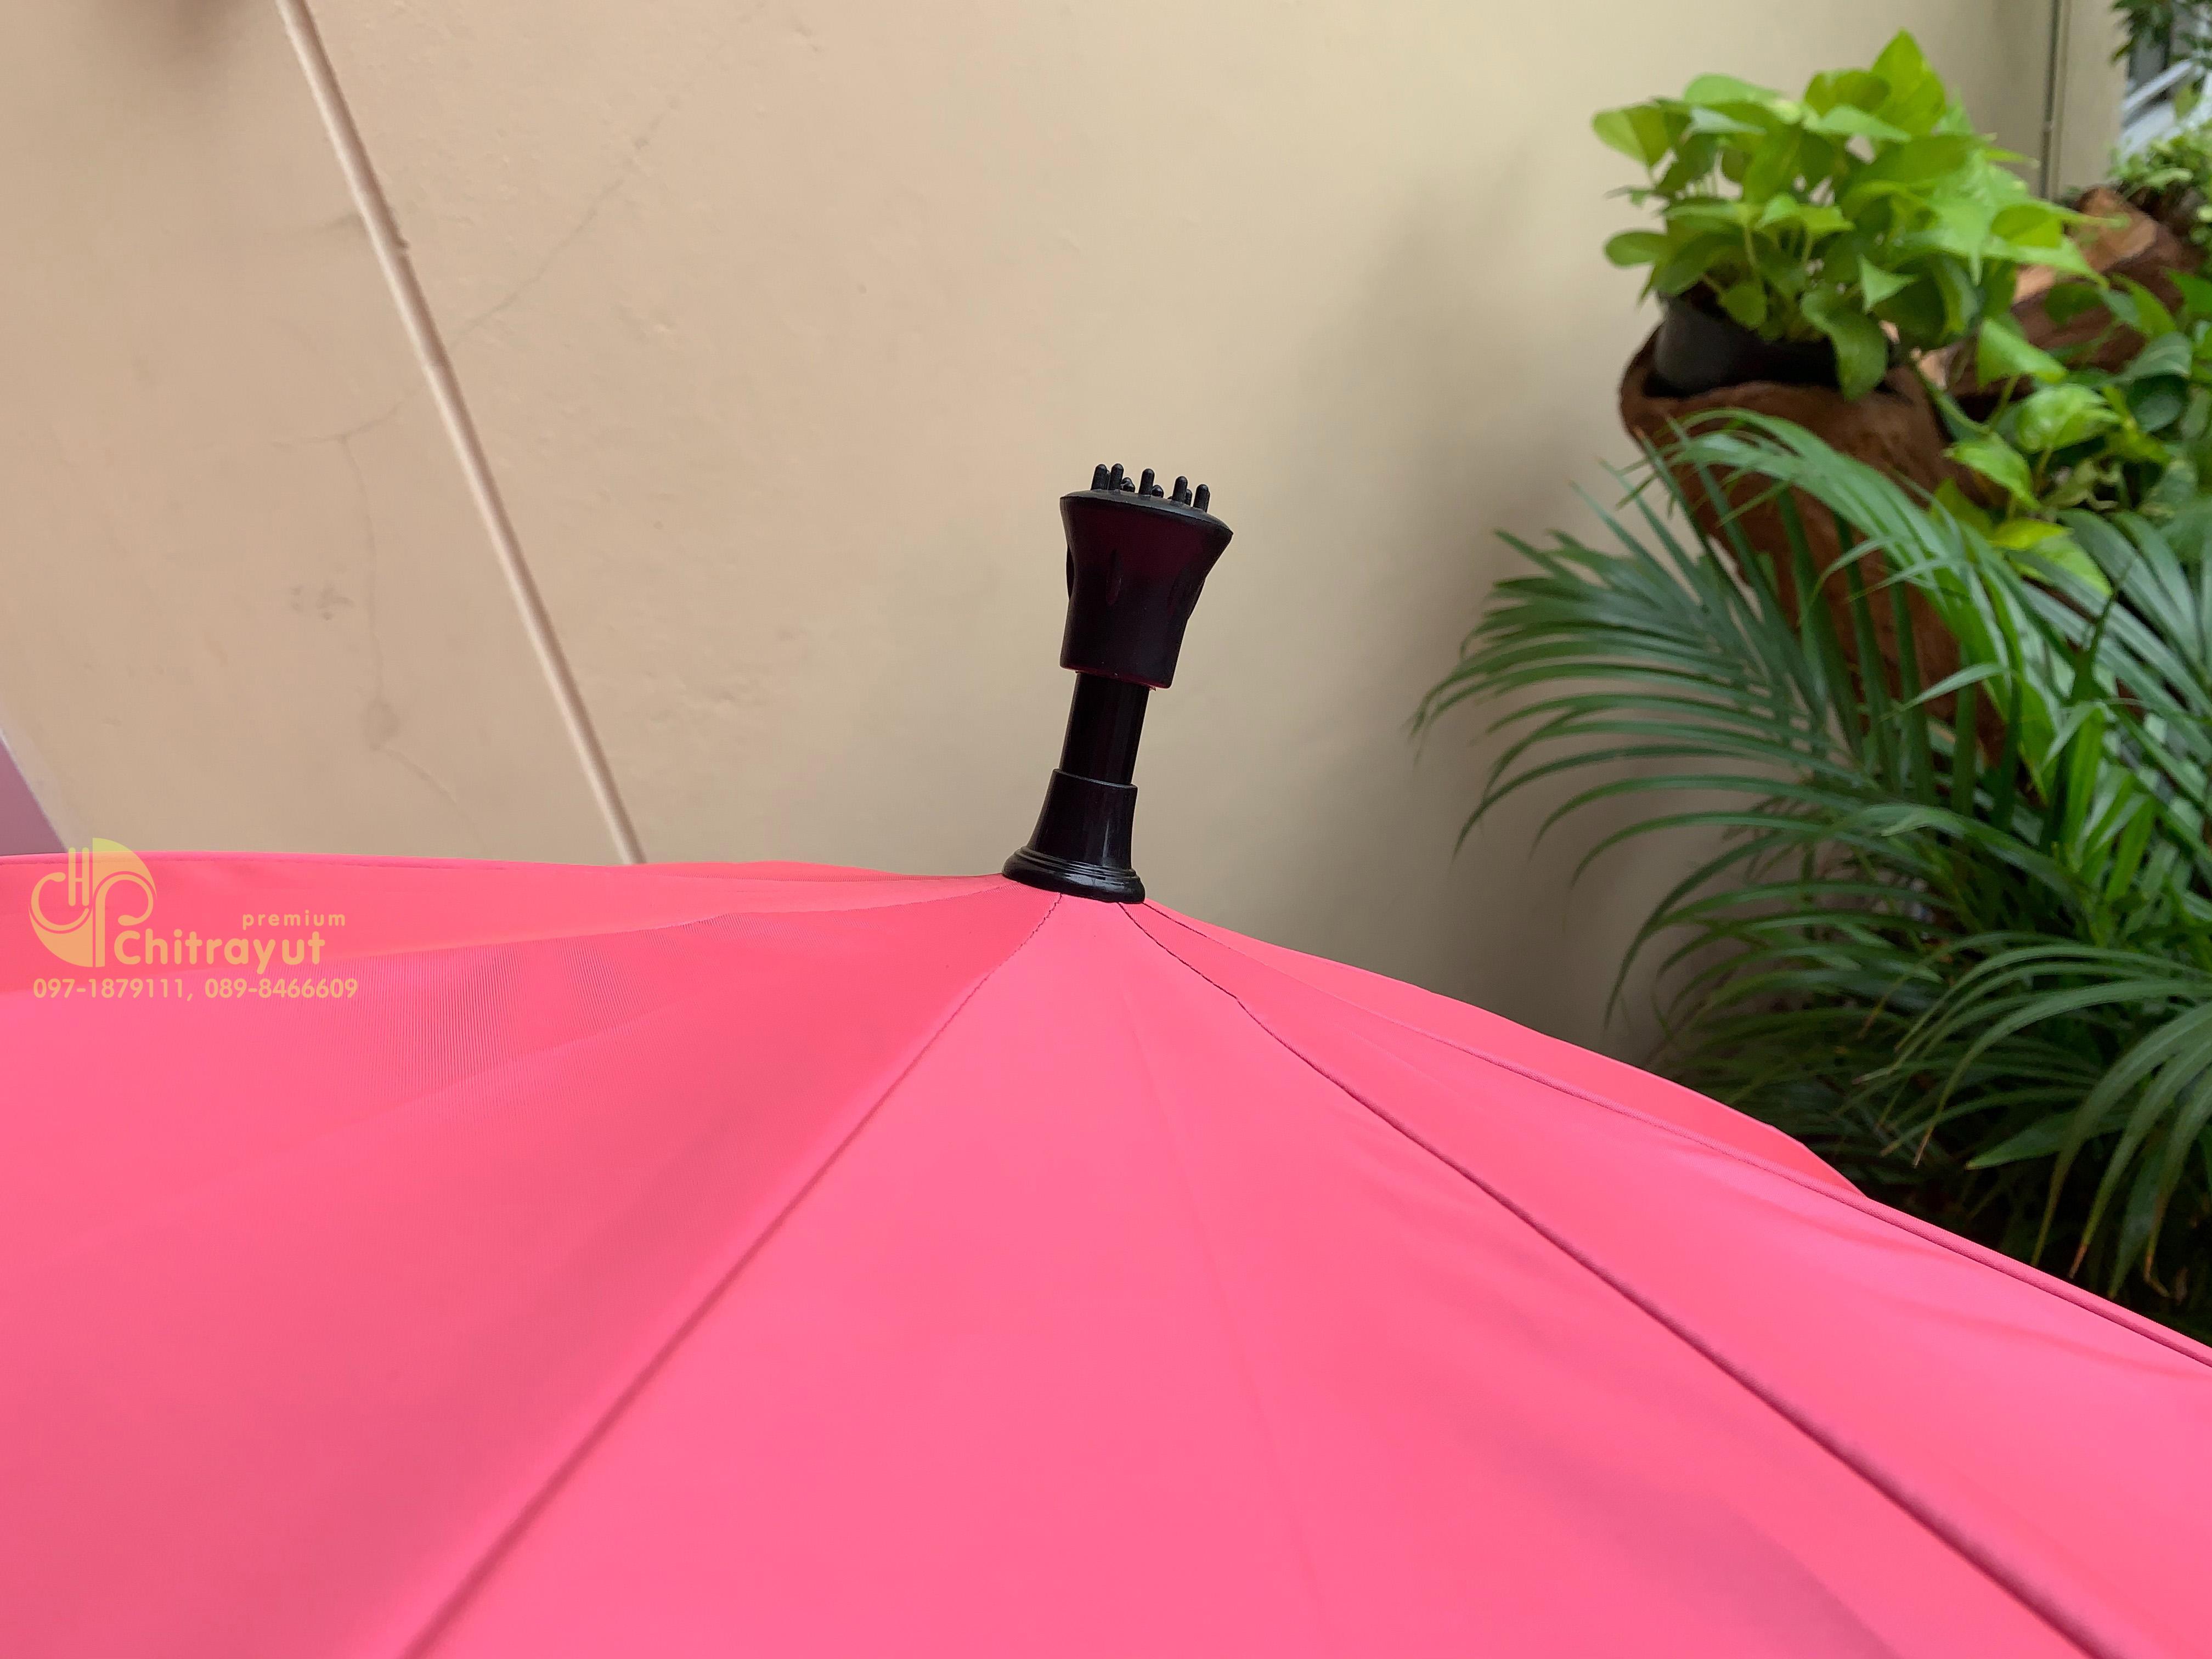 ร่ม 24 นิ้ว โครงเหล็กด้ามไม้เท้า สีพื้น